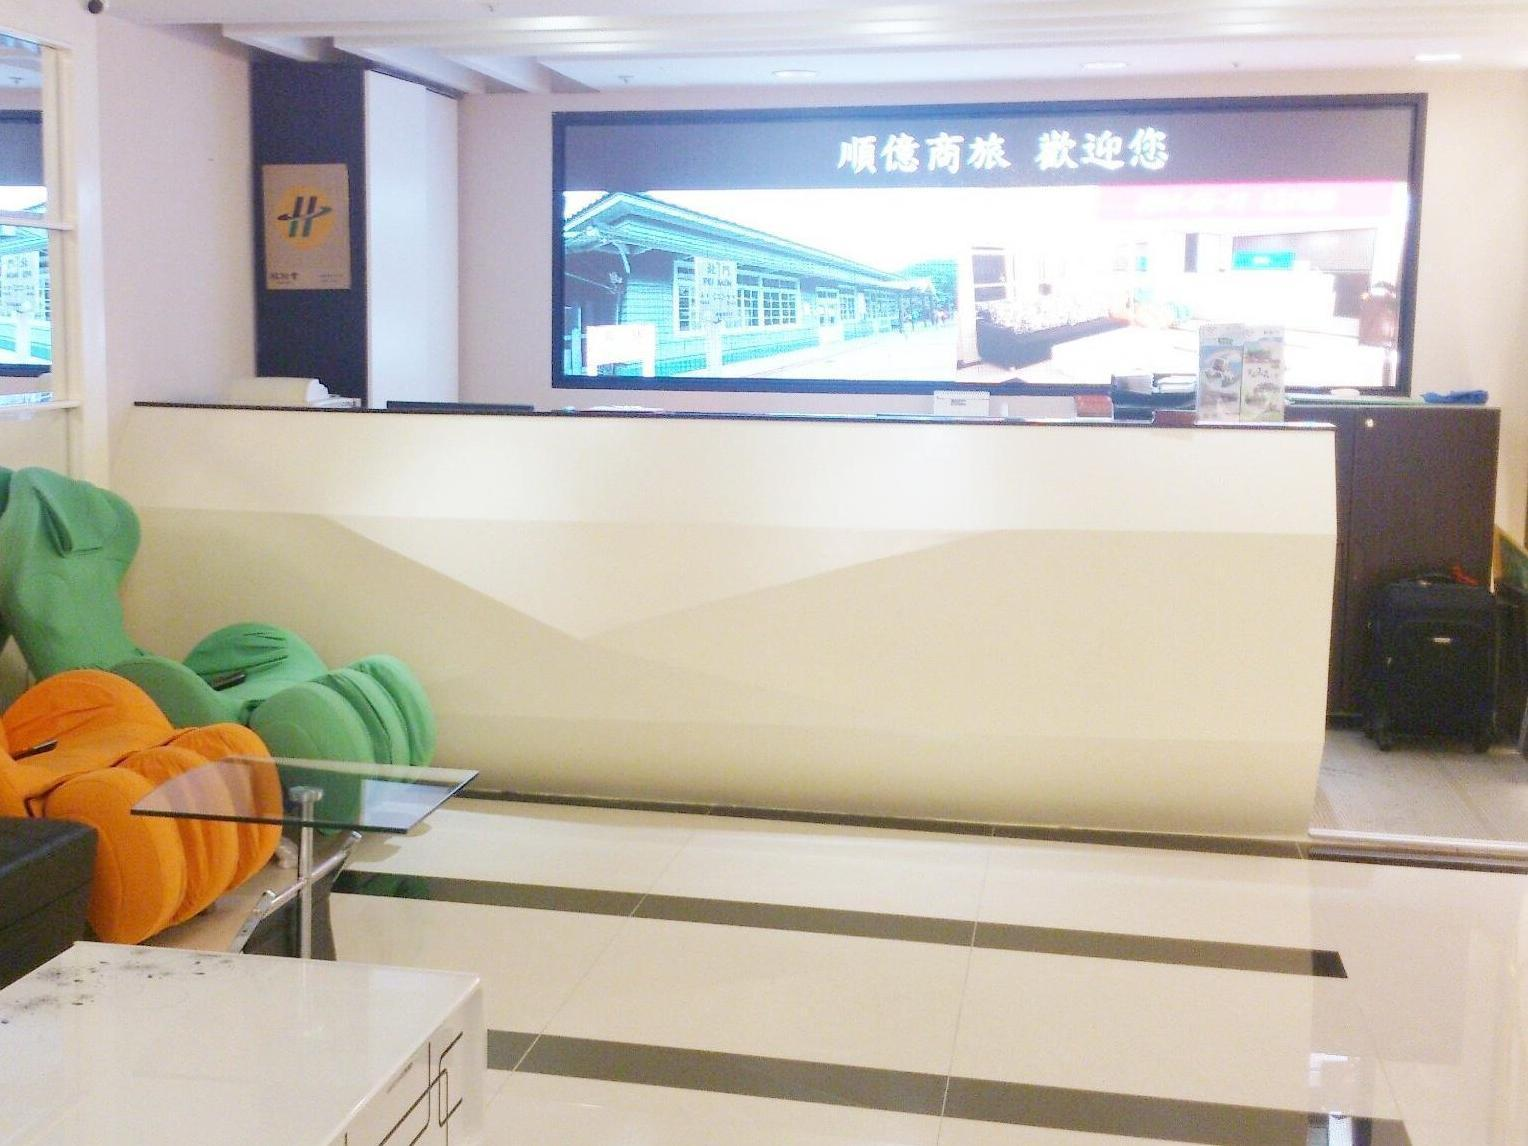 Shun Yi Business Hotel